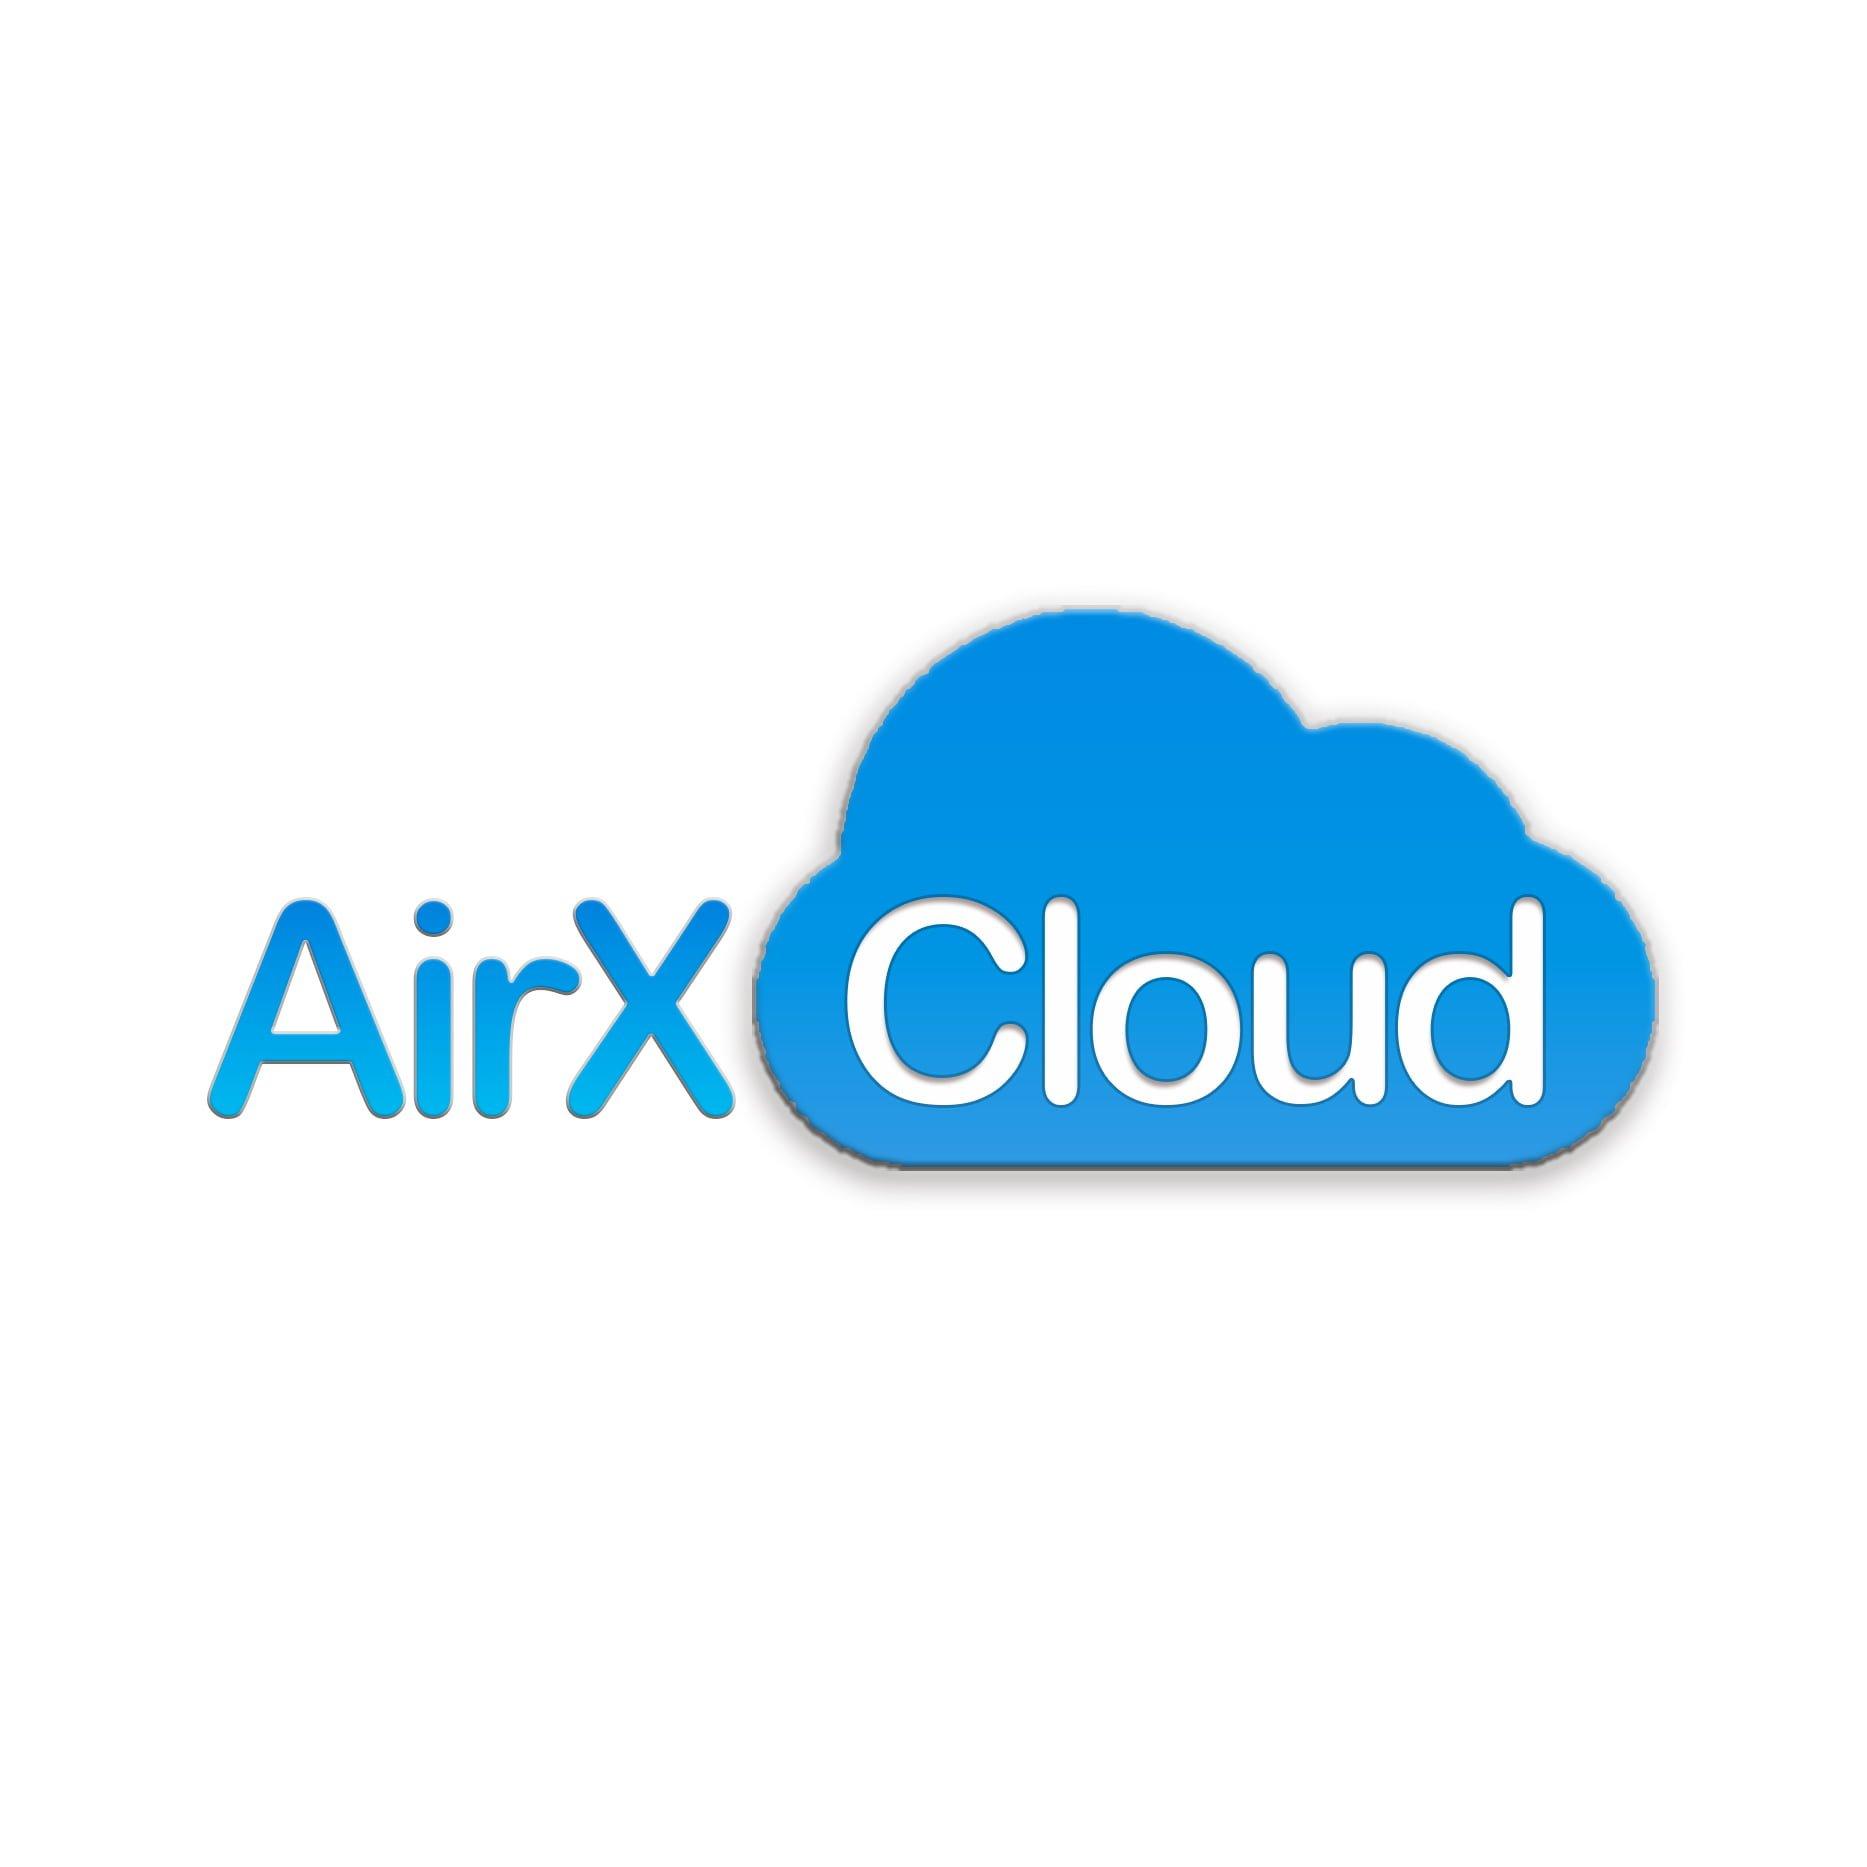 [机场推荐]airxCloud.com - 高速SSR节点 / 高达50+节点 / Netflix等流媒体支持 / 游戏专线